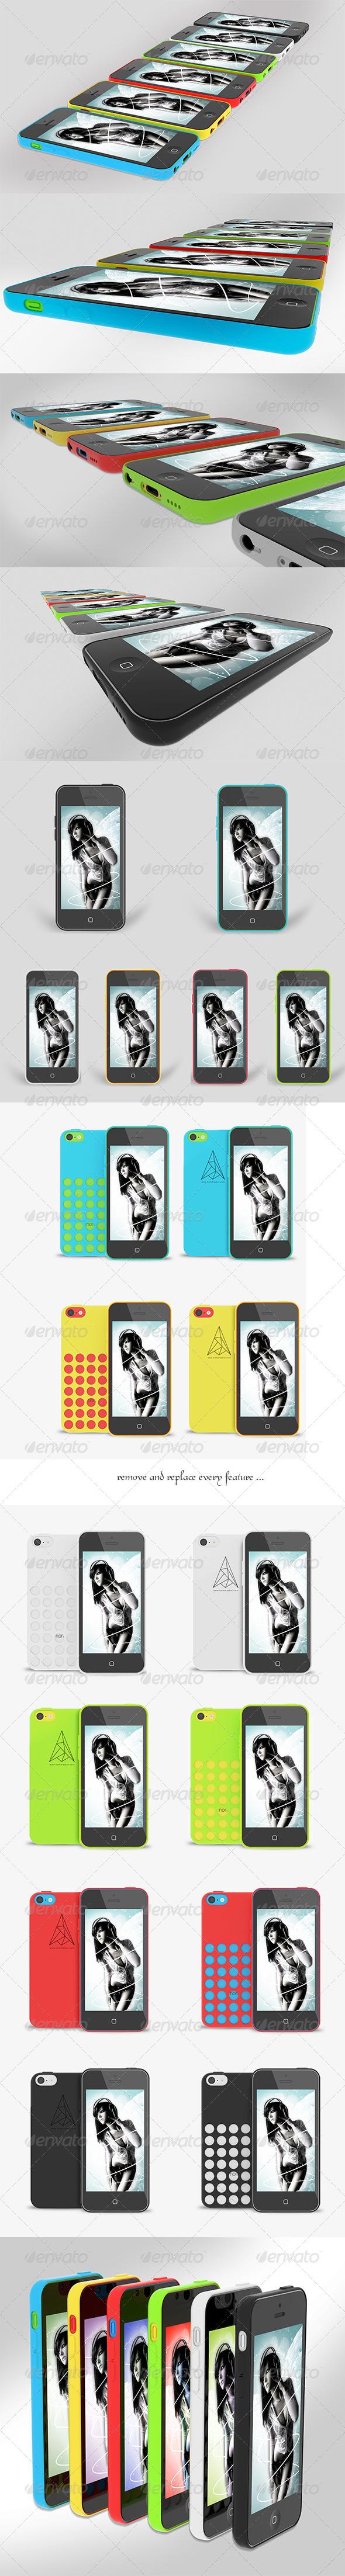 uPhone 5c Mock up  v2 - Mobile Displays